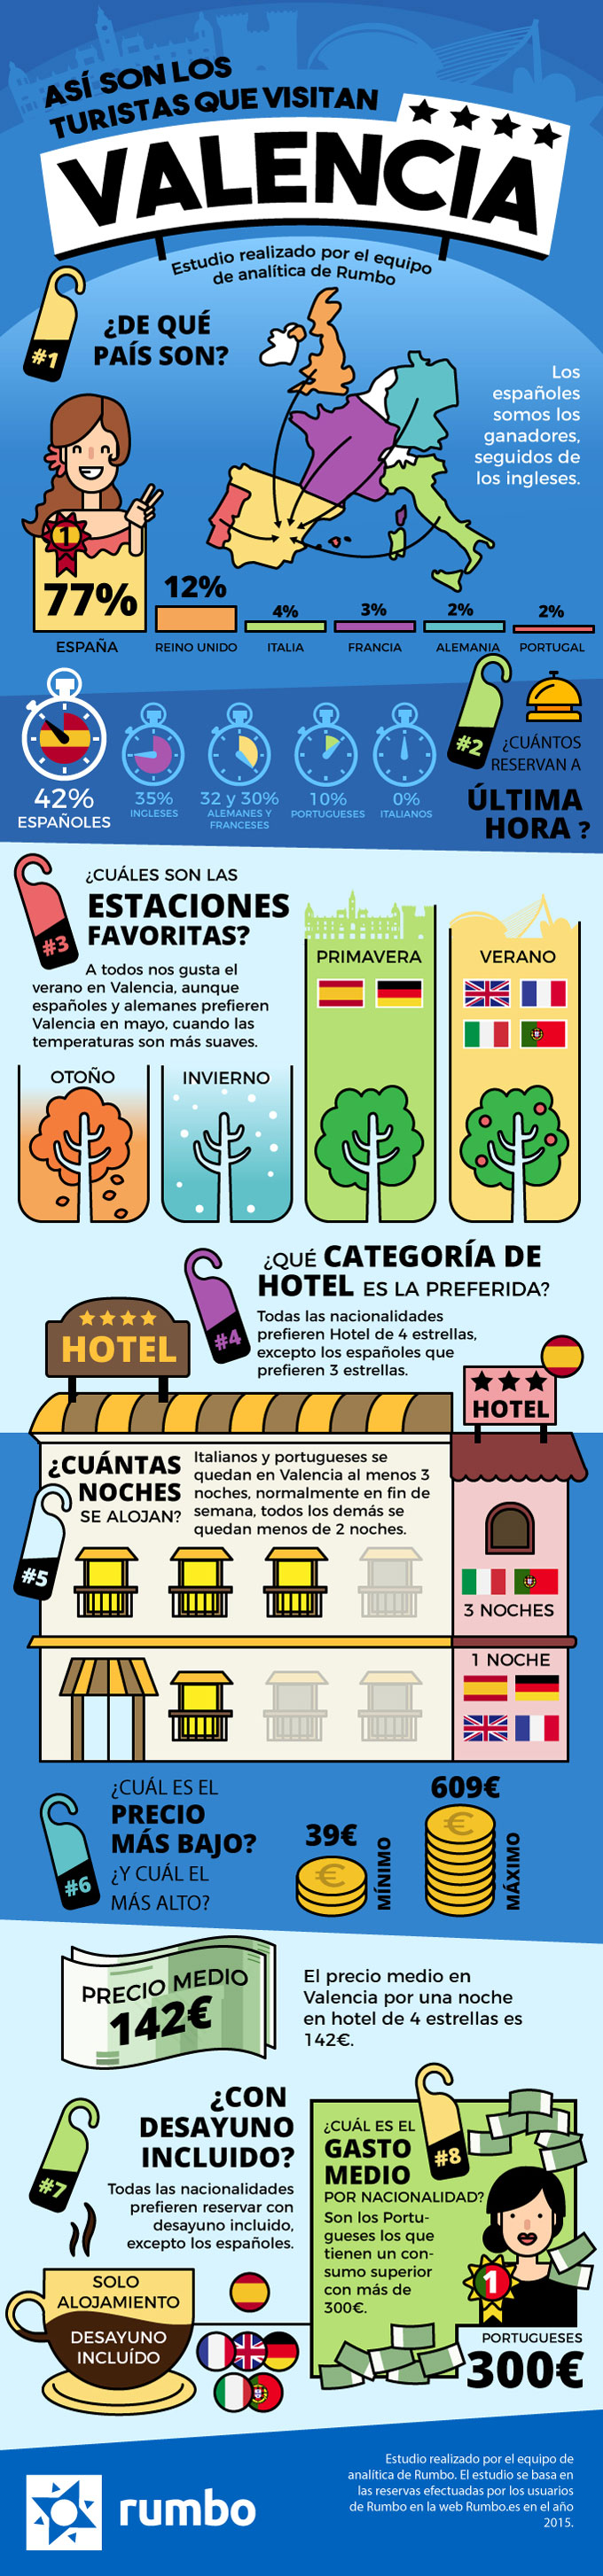 Así son los turistas que visitan Valencia